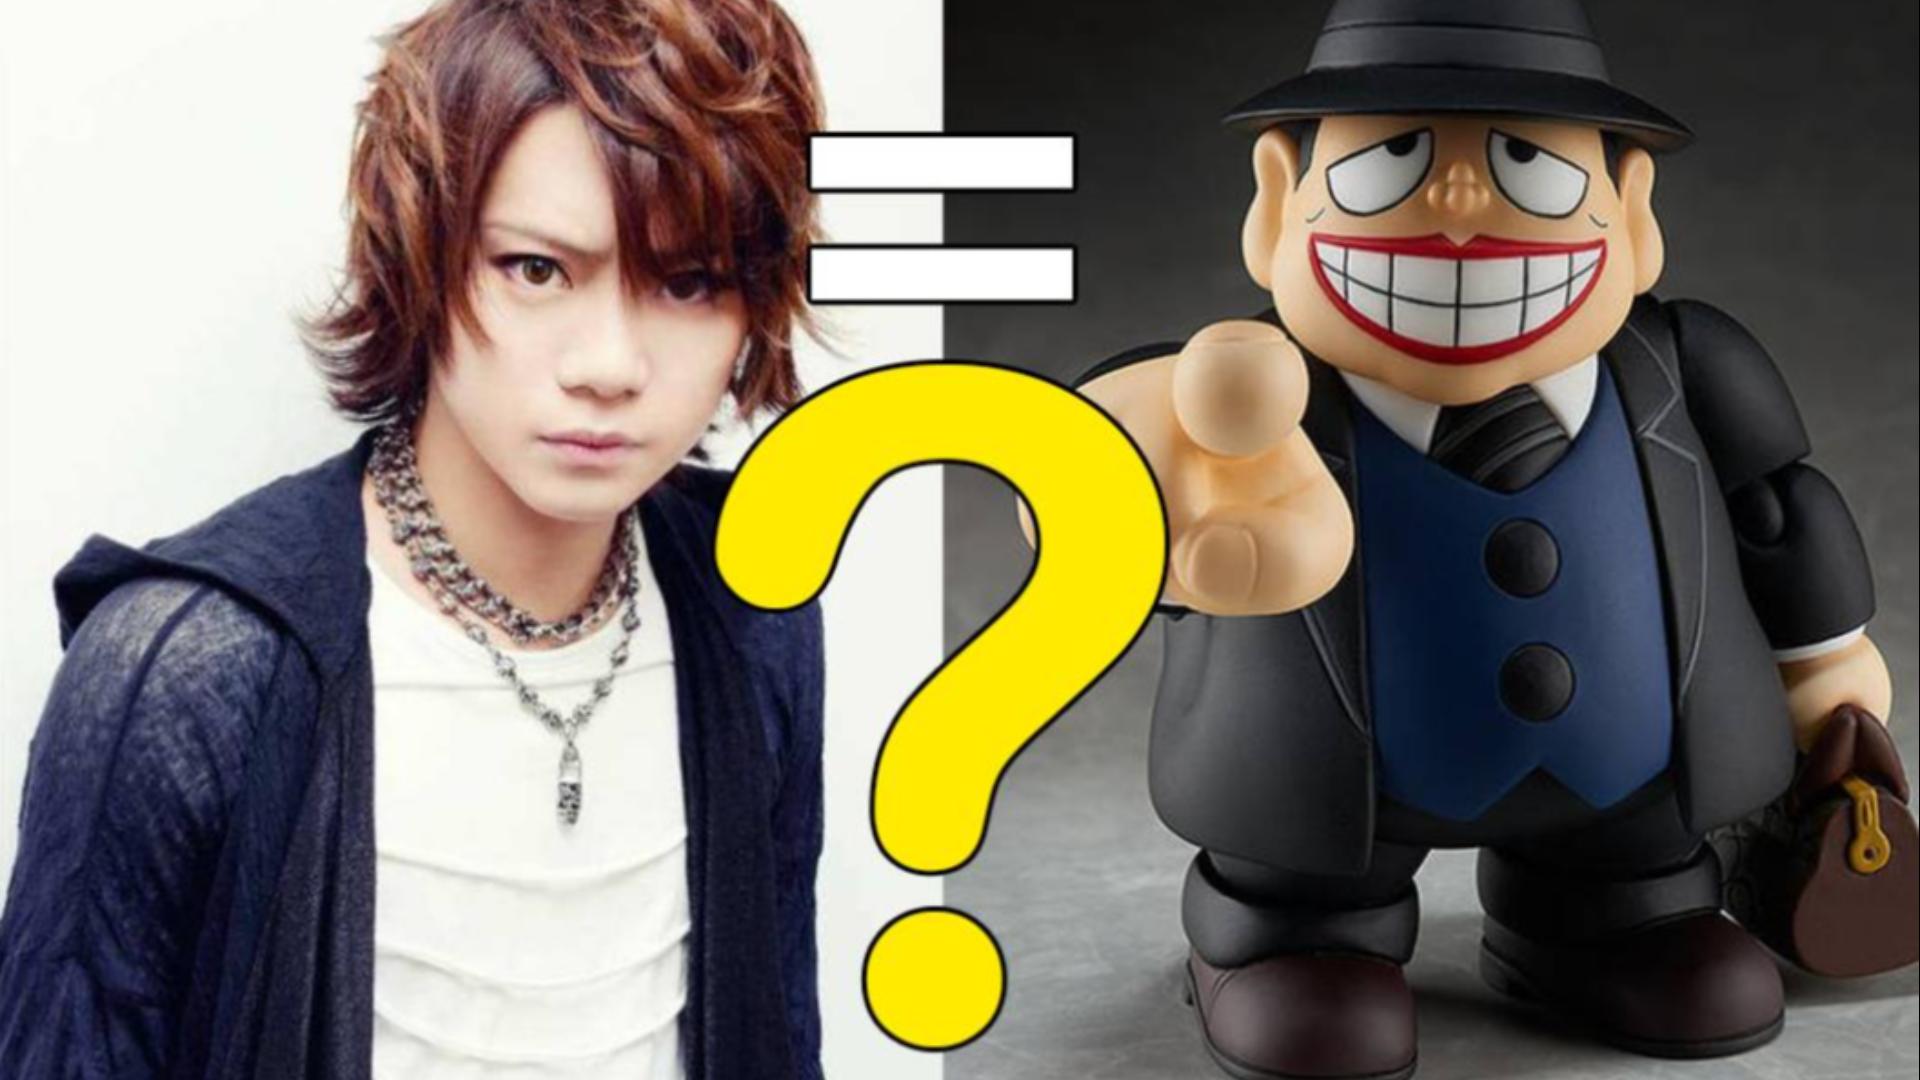 这两个是同一个人?日本漫改舞台剧又现奇葩选角